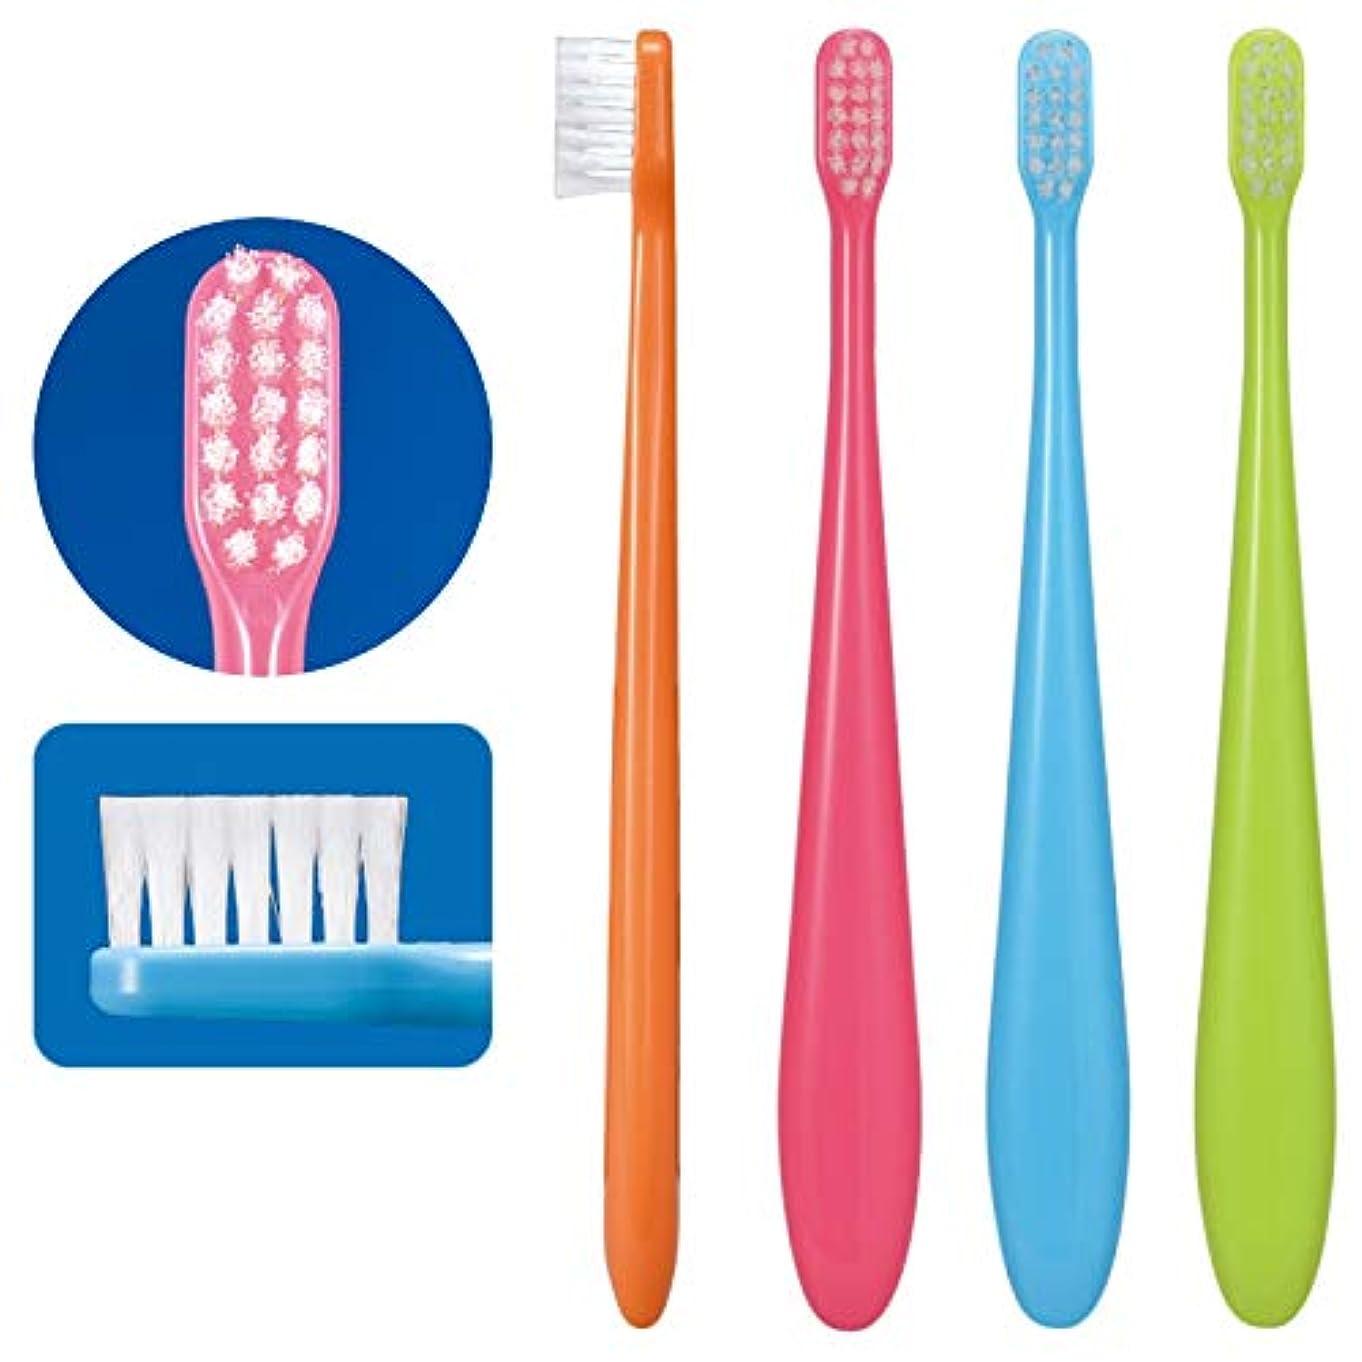 解き明かす市長バングCi ミニ歯ブラシ ミディミルキー 20本 M(ふつう) 歯科専売品 日本製